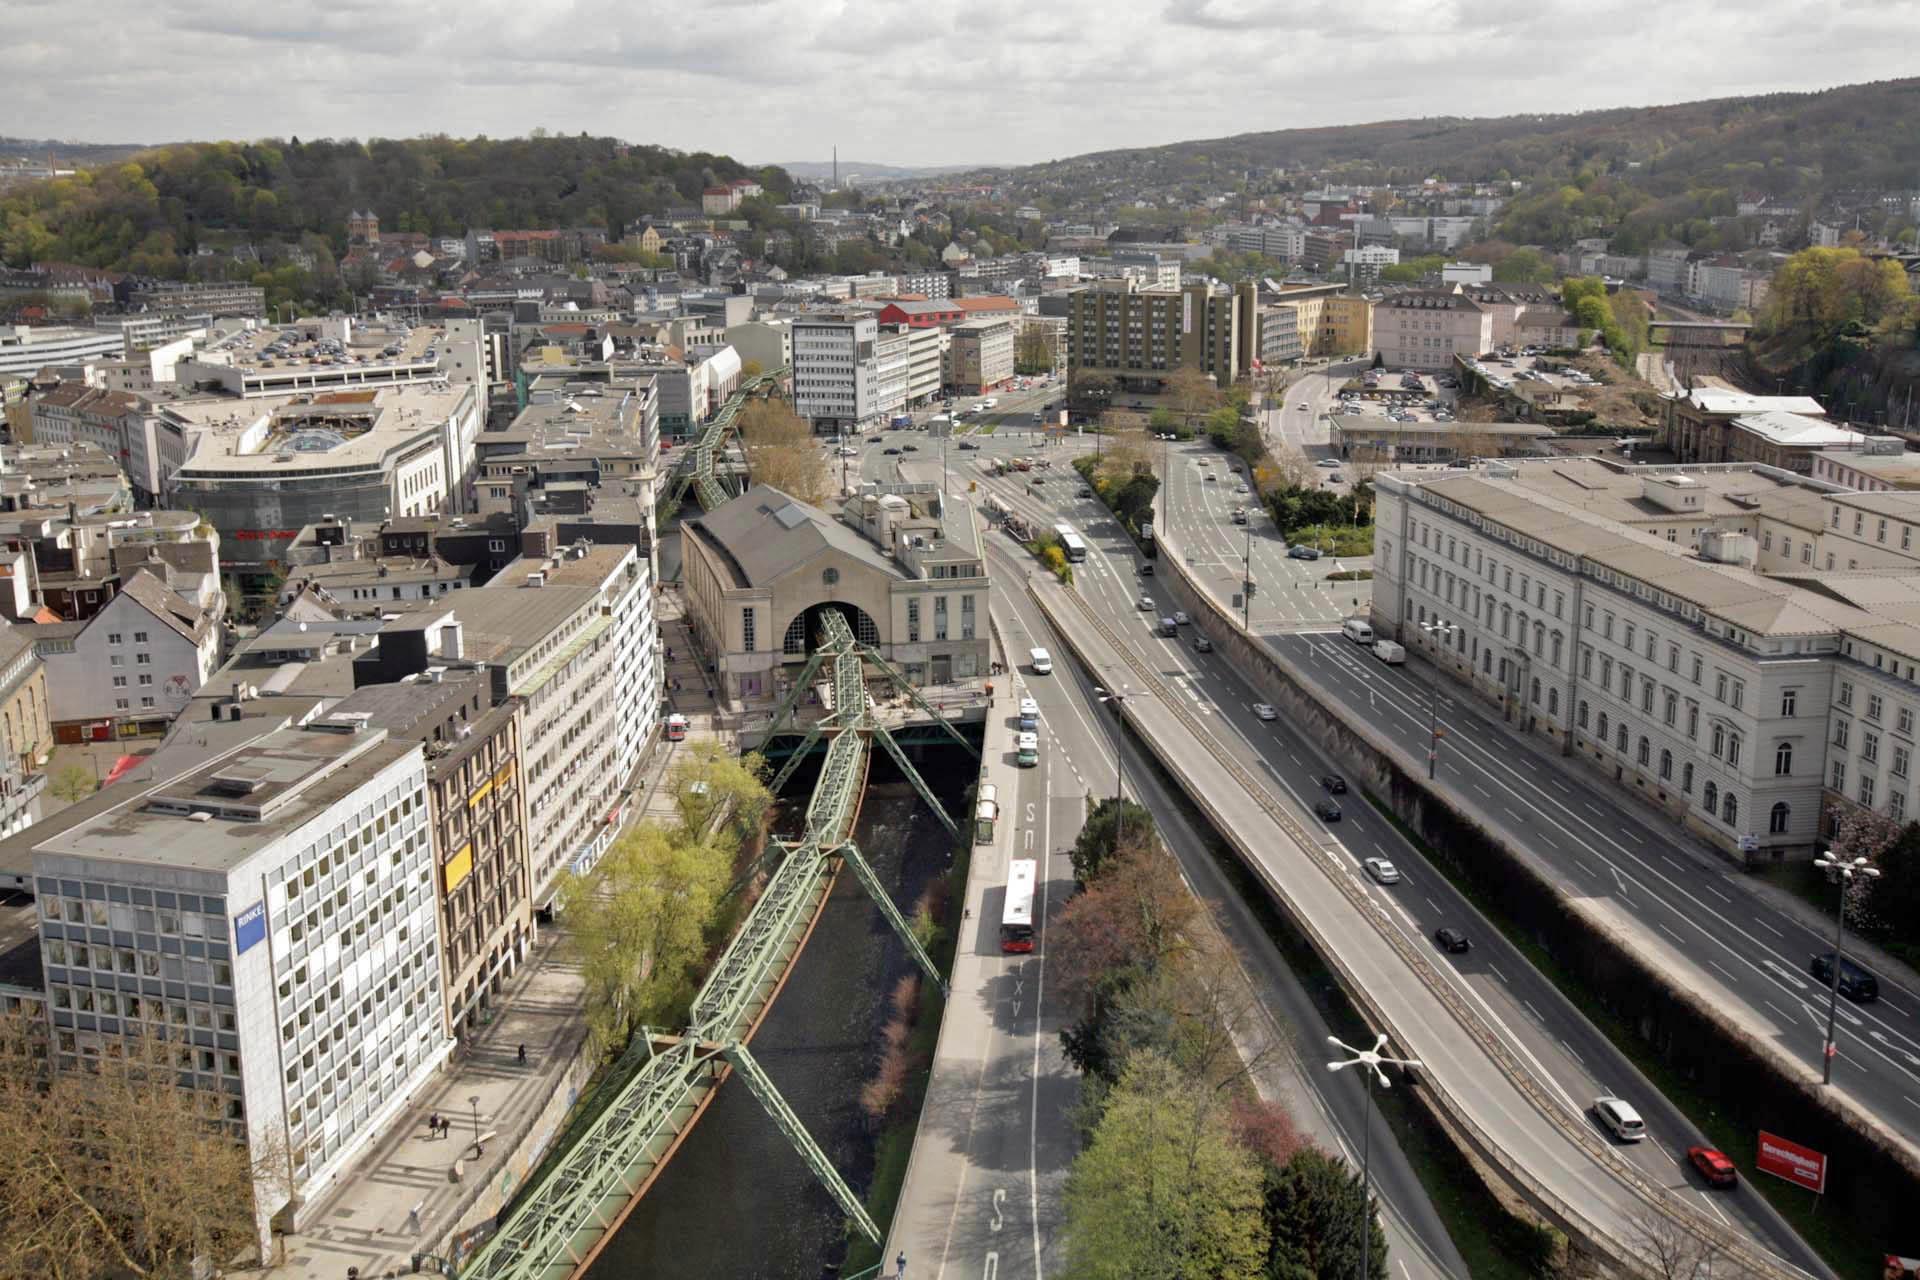 Der Döppersberg ist einer der wichtigsten Verkehrsknotenpunkt in Wuppertal-Elberfeld. Hier befindet sich der Hauptbahnhof der Stadt, die wichtigste Haltestelle der Schwebebahn, sowie das südliche Ende der Elberfelder Fußgängerzone. Zurzeit wird der Bereich komplett neu gestaltet.